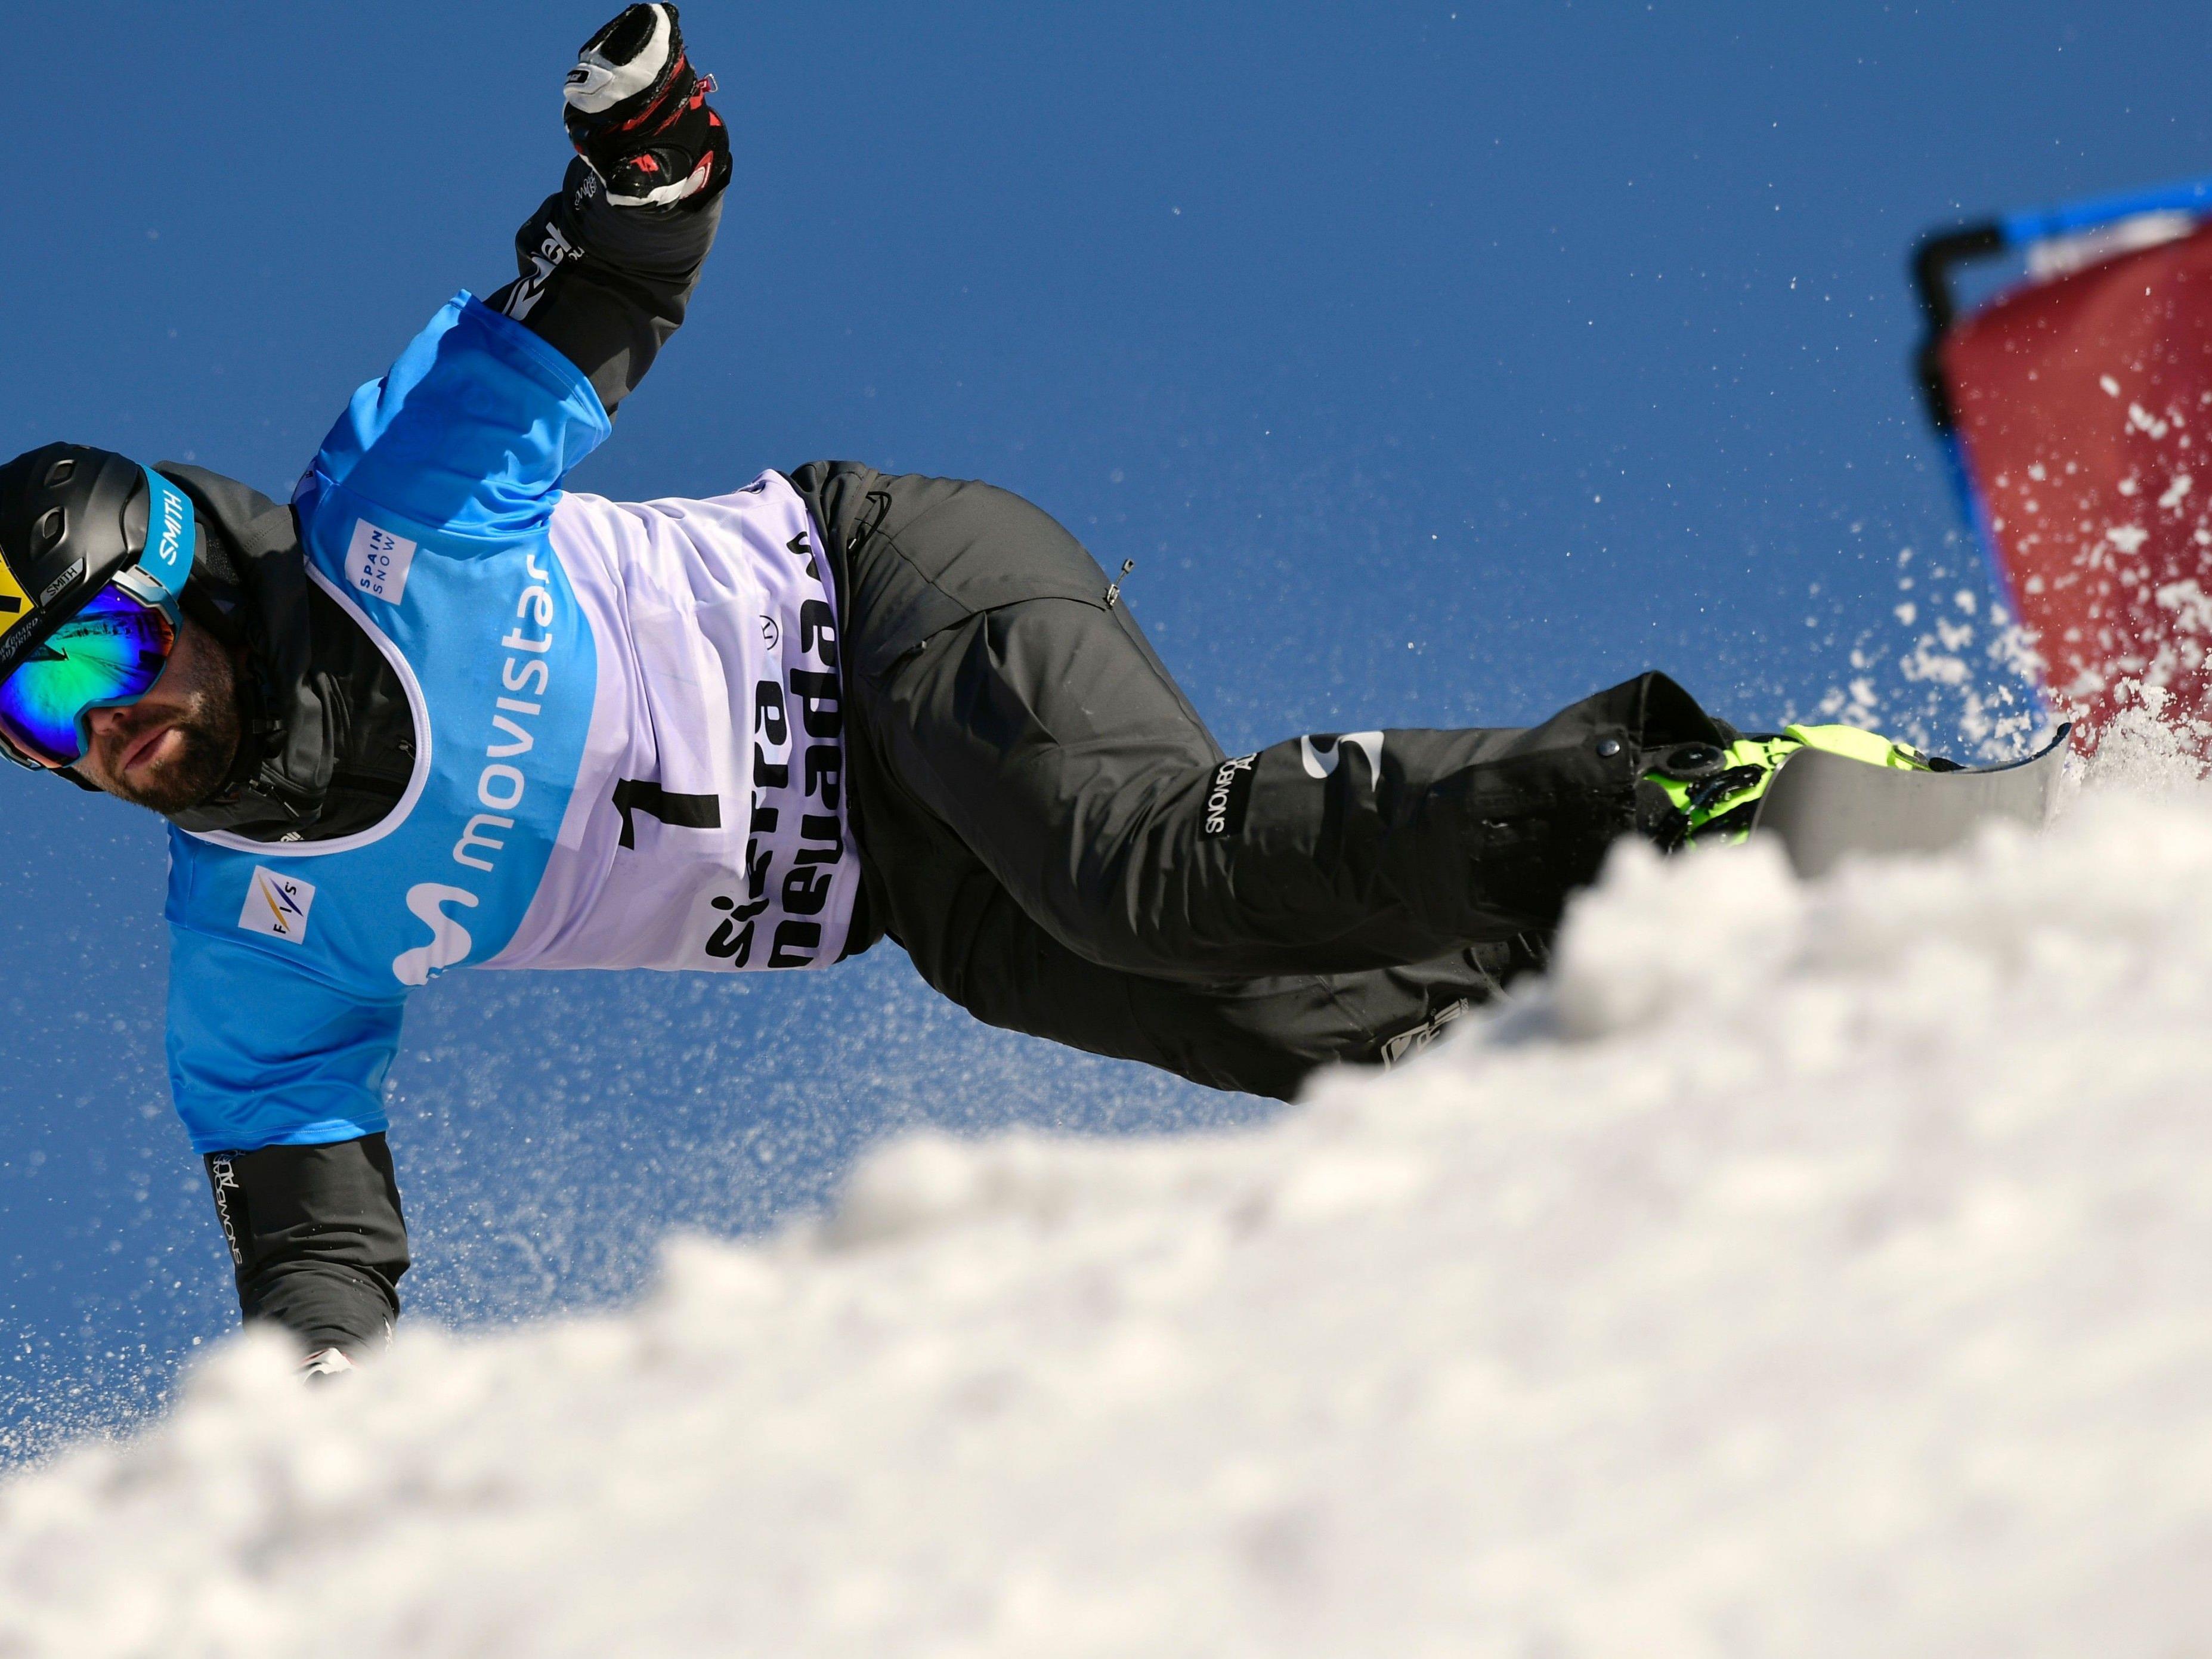 Andreas Pommeger gewann Gold im Parallel-Slalom bei der WM in der Sierra Nevada.